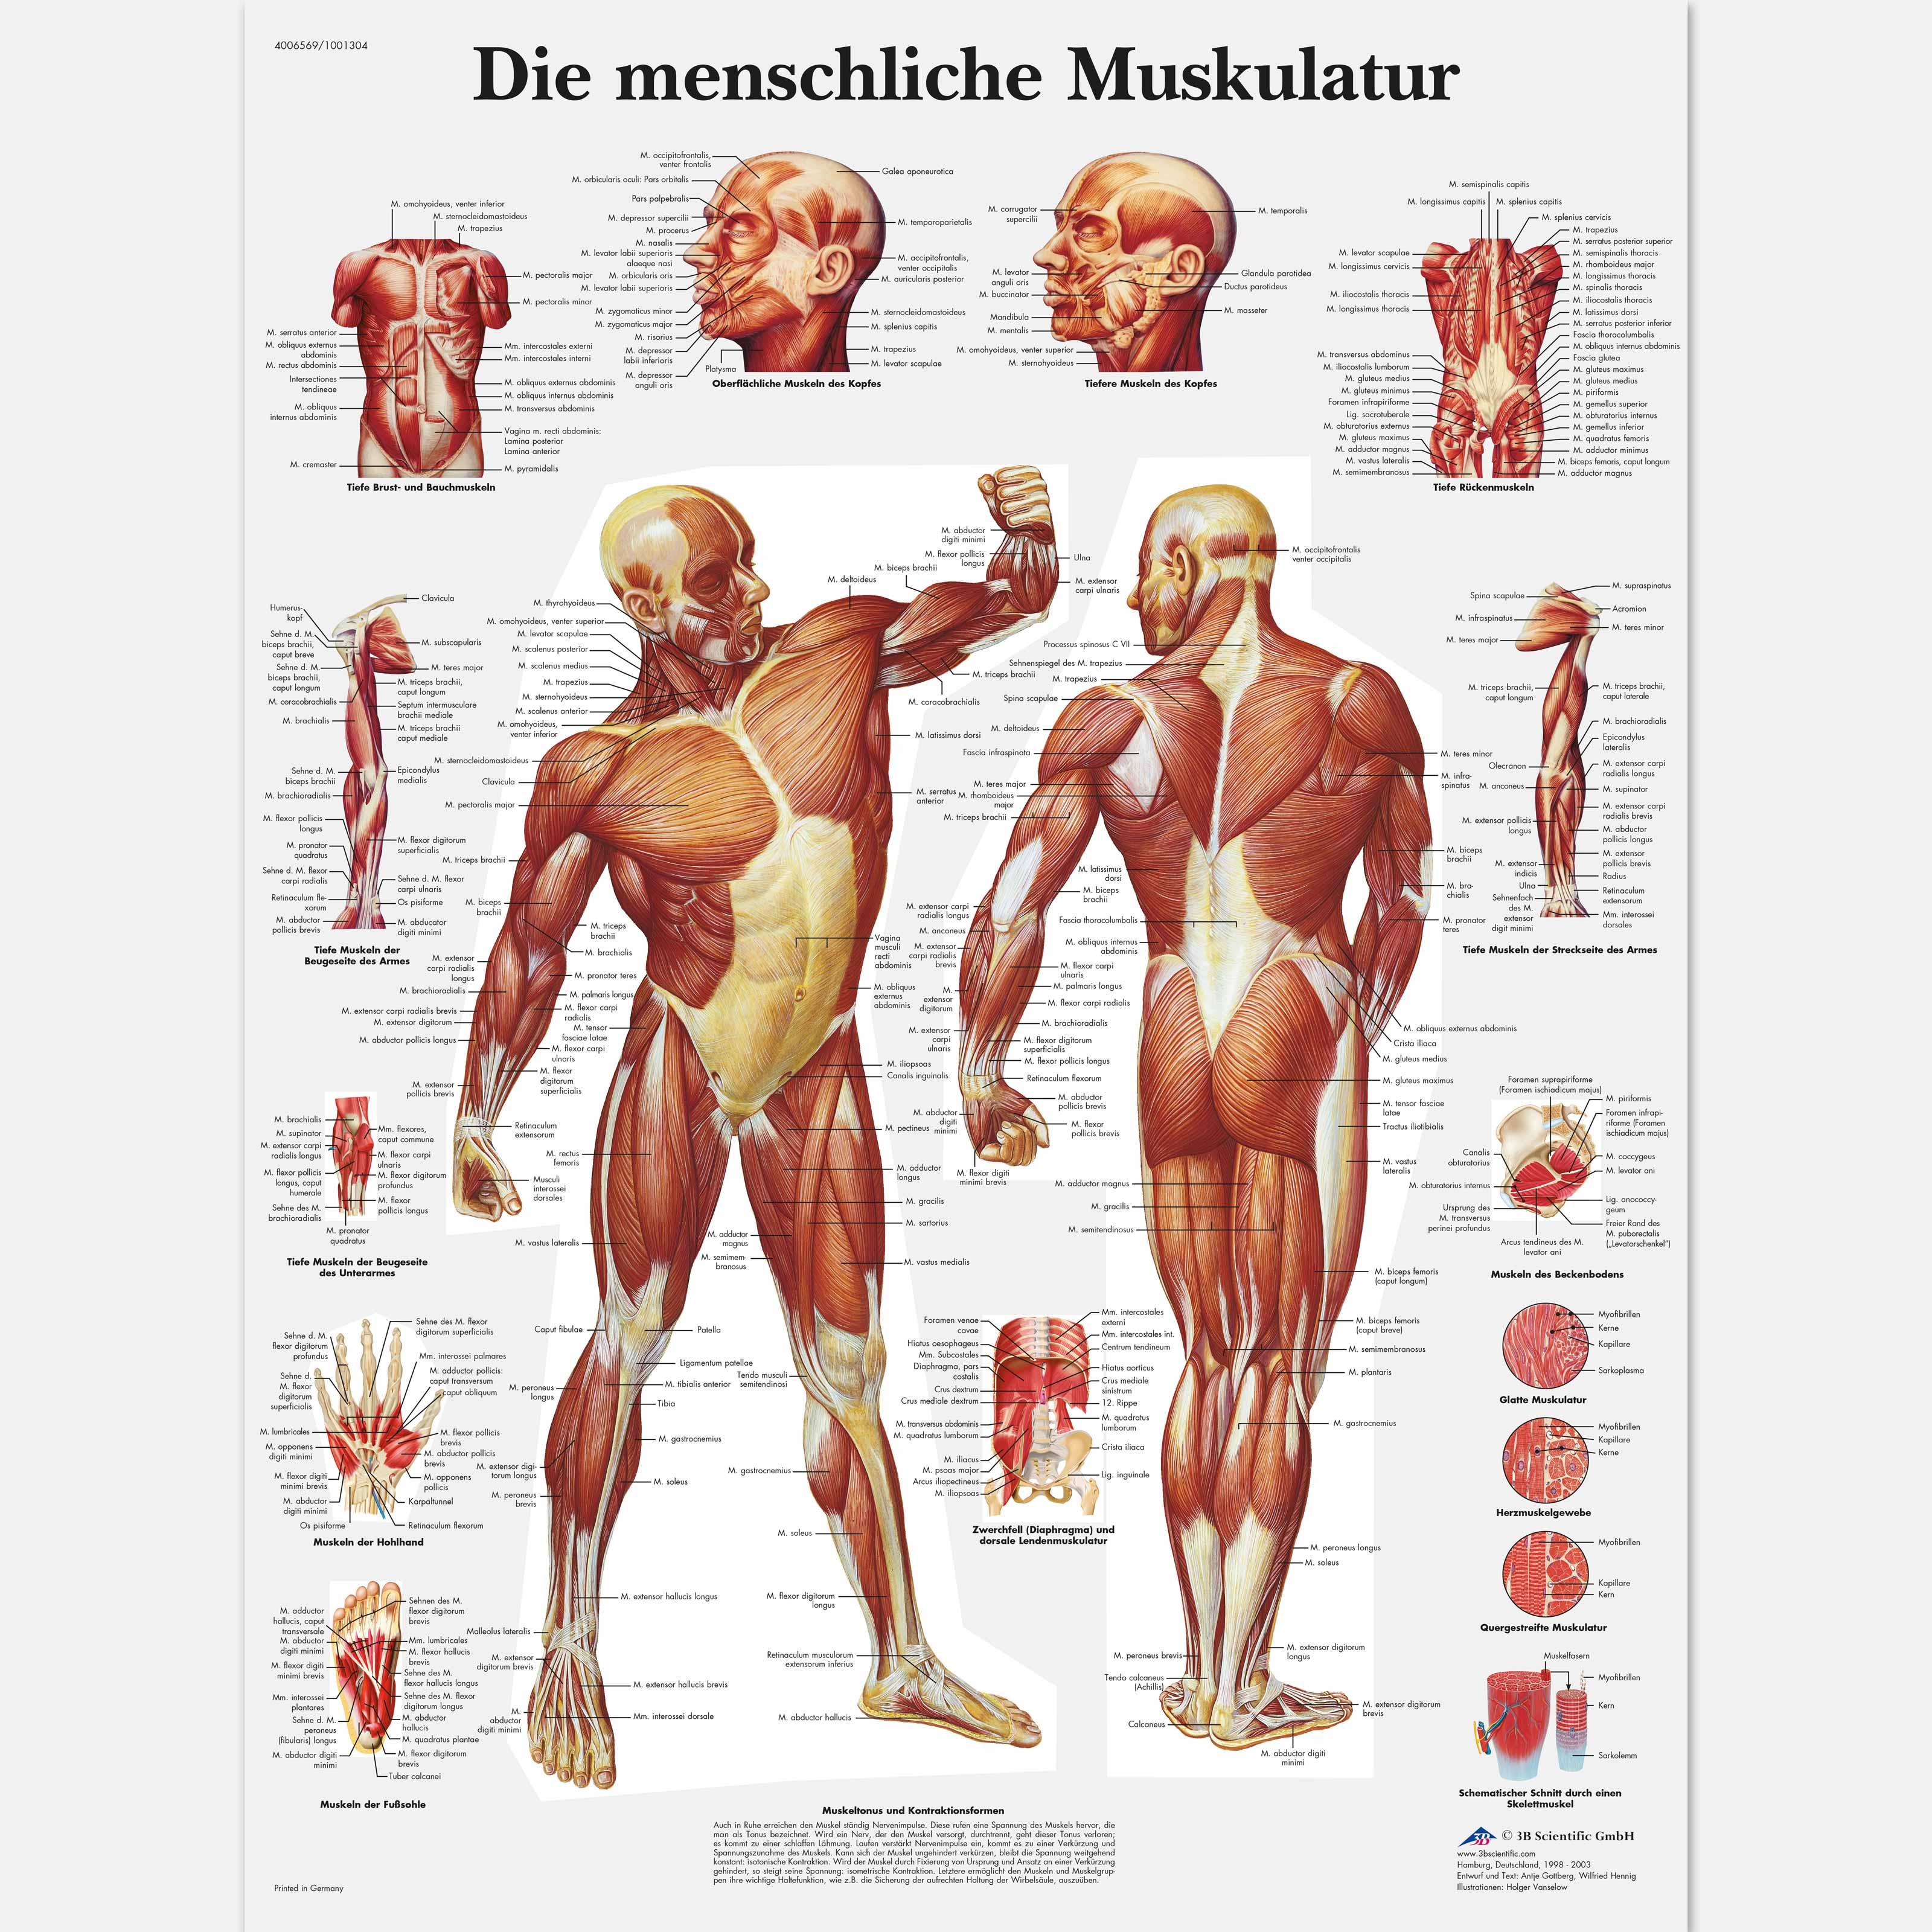 Ungewöhnlich Muskulatur Bilder - Anatomie Und Physiologie Knochen ...